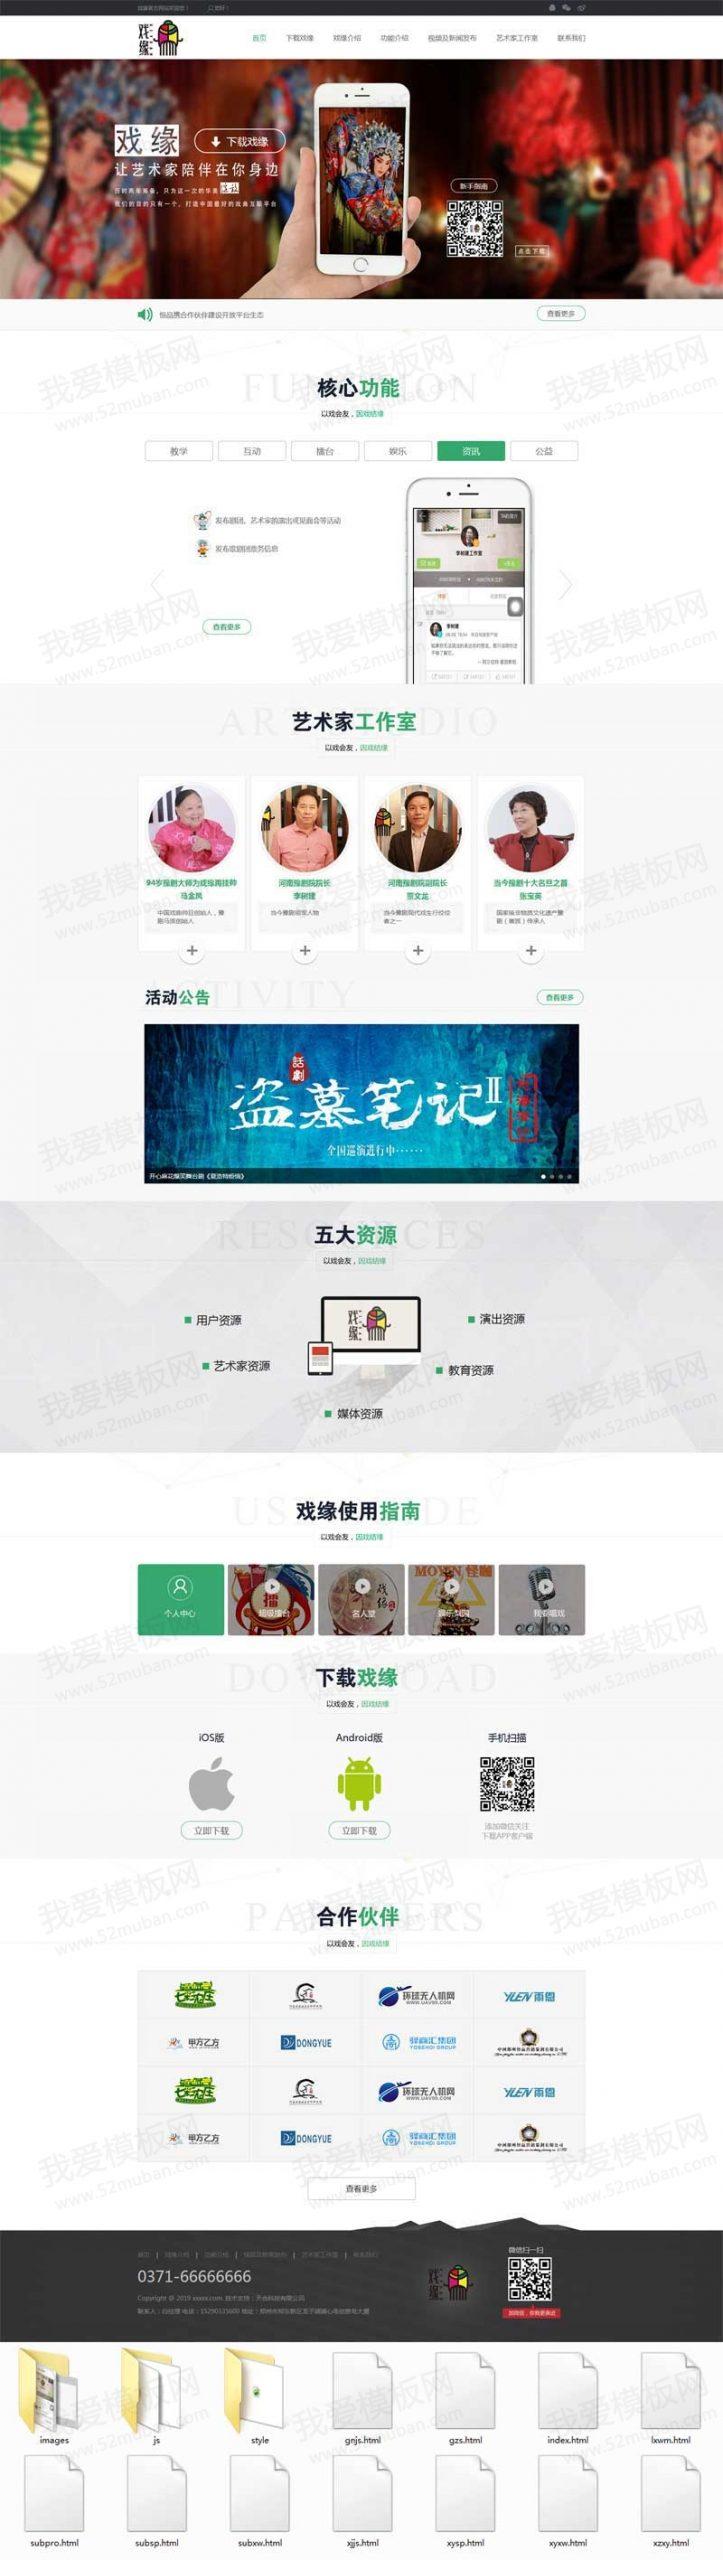 文化传播app企业官网模板